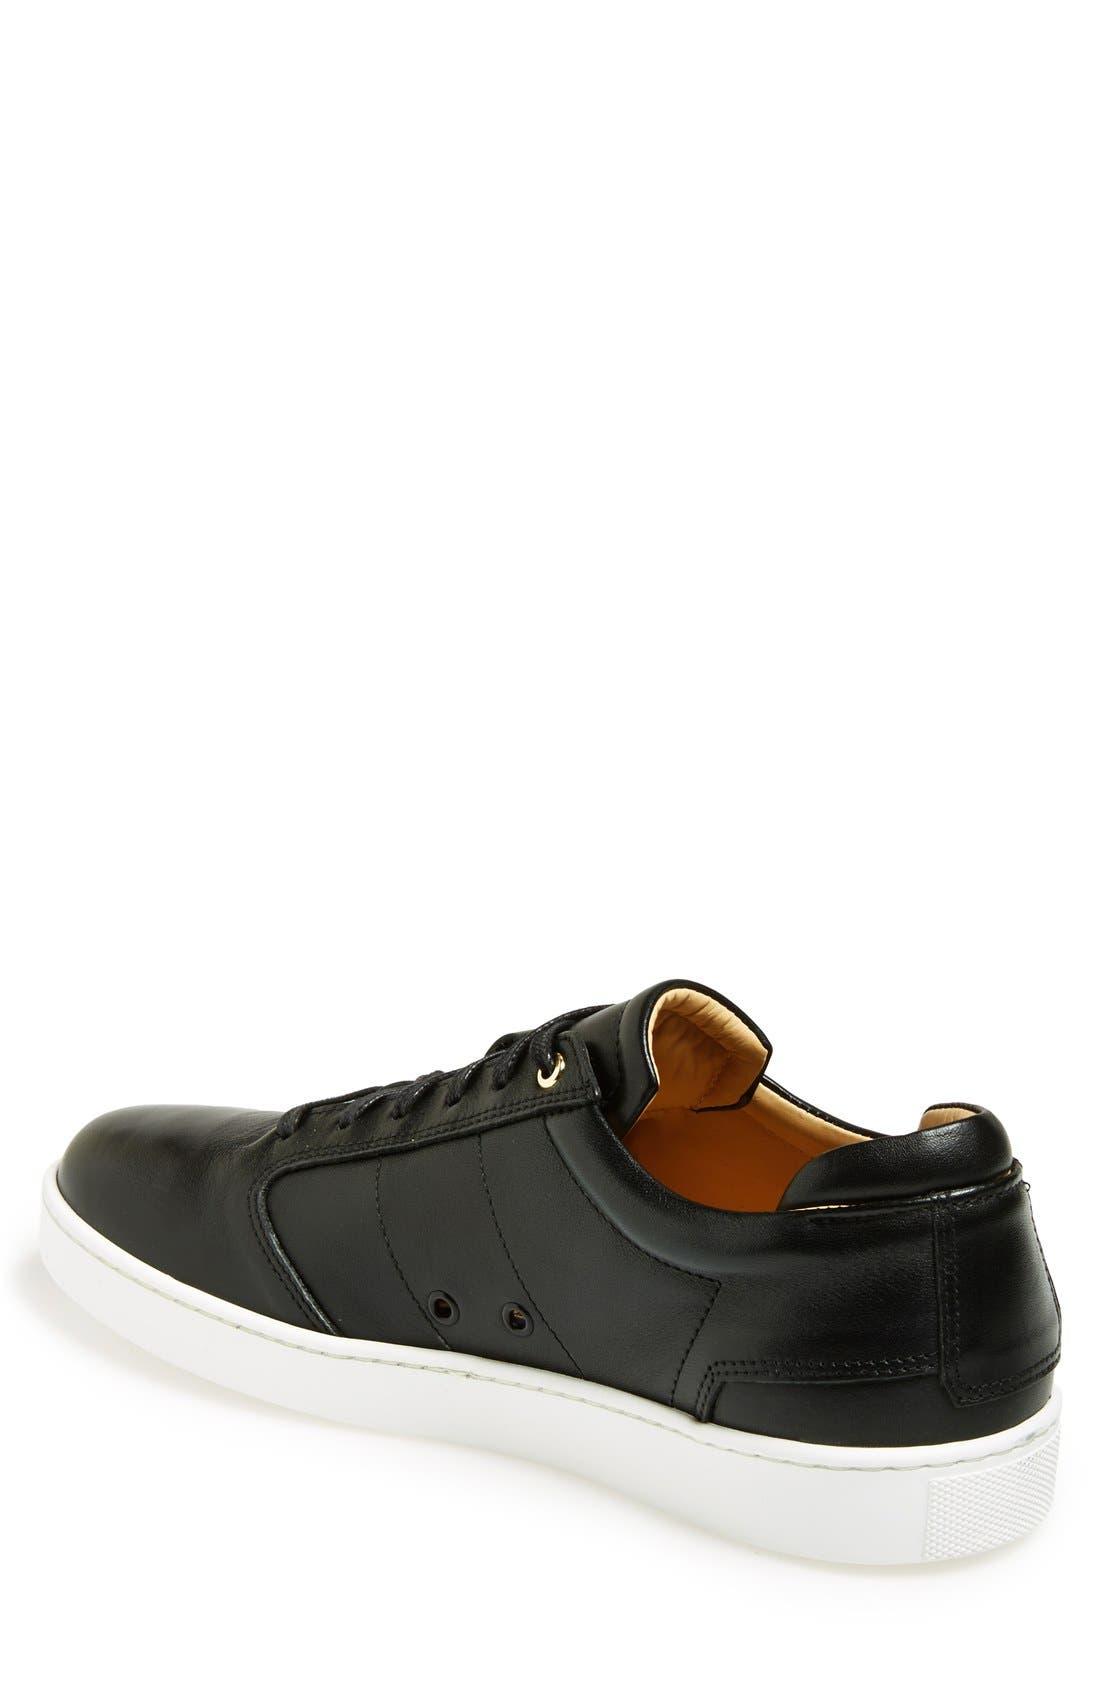 'Lennon' Sneaker,                             Alternate thumbnail 2, color,                             005